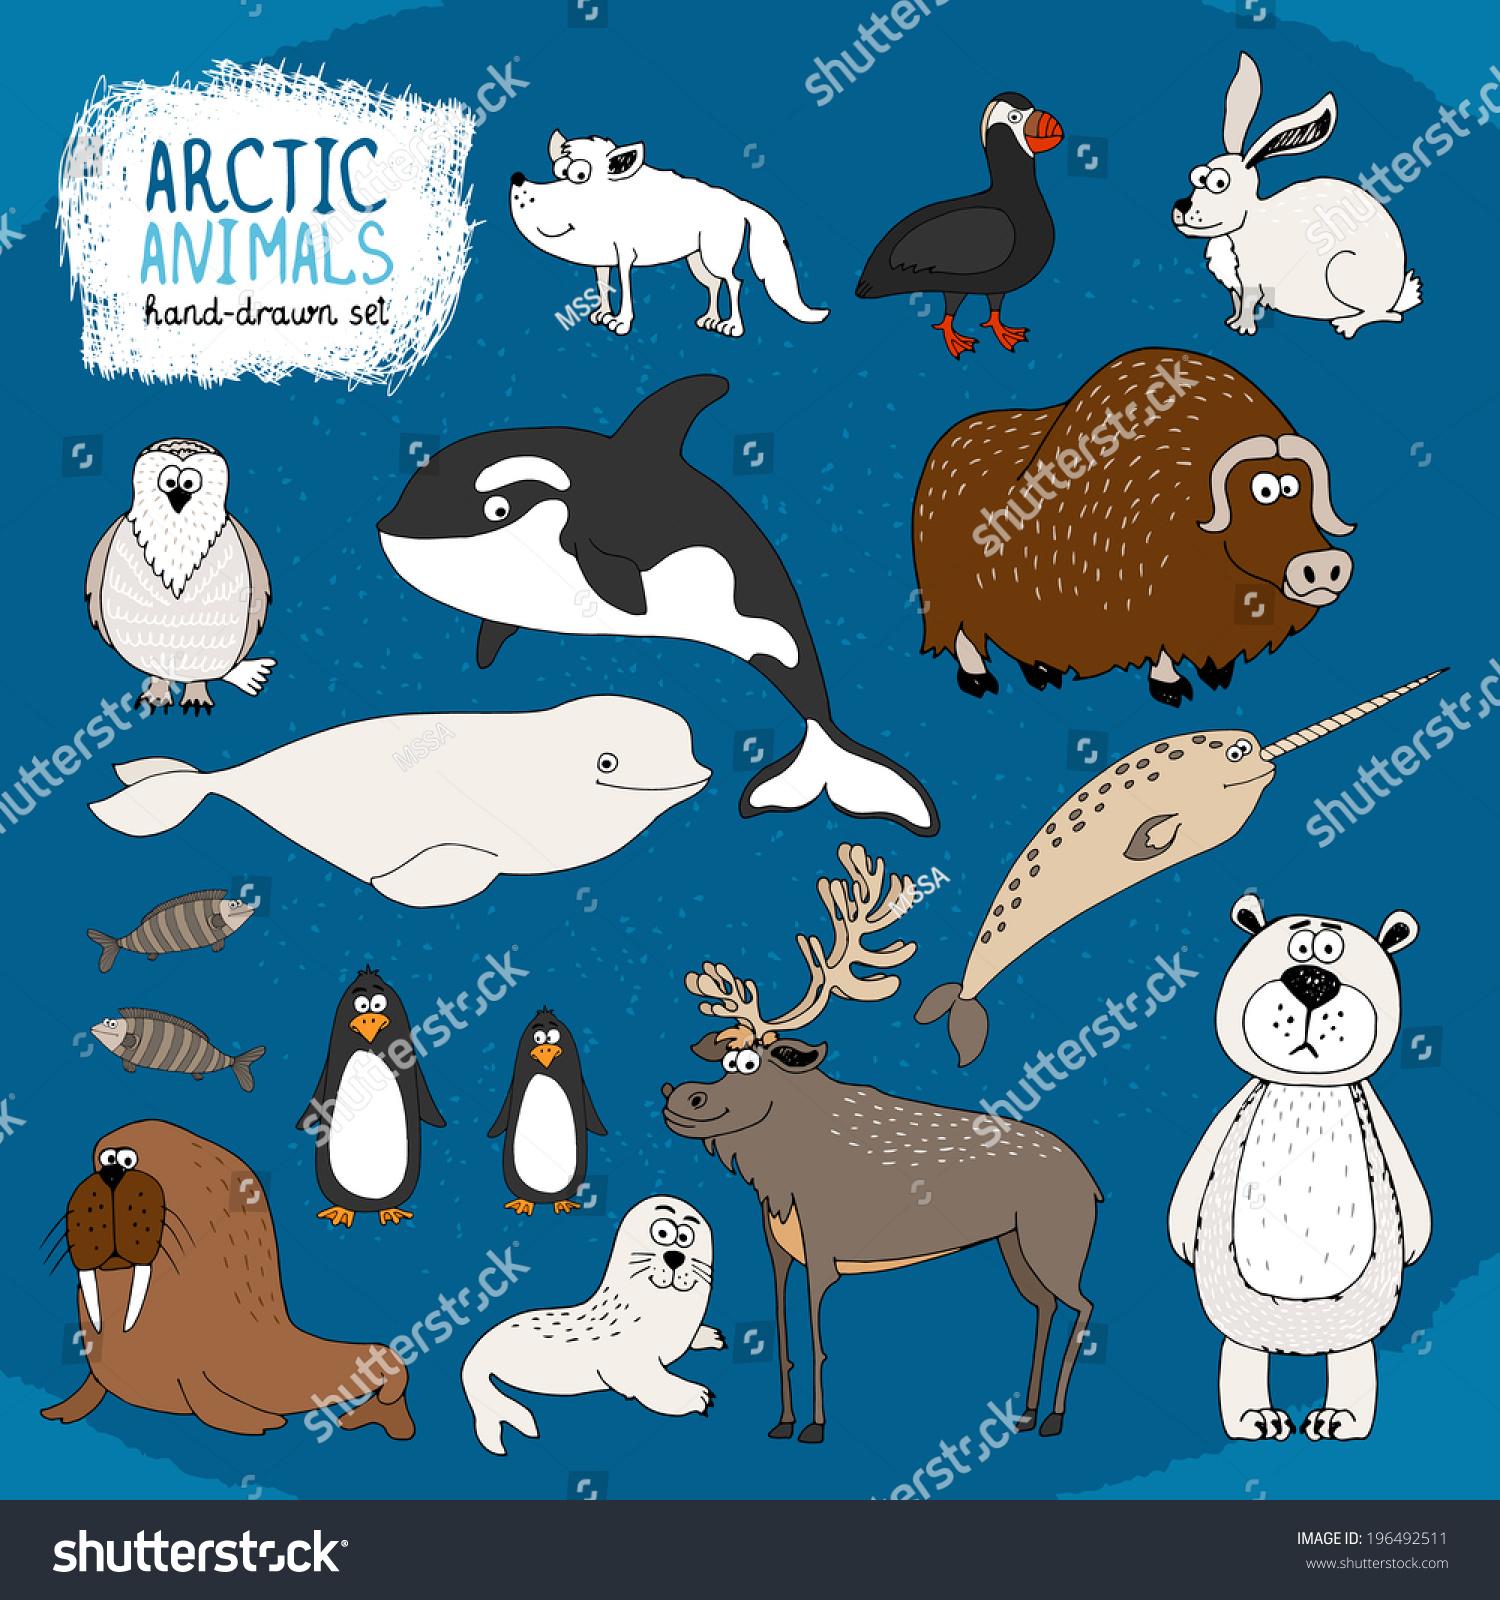 ppt可爱动物小图标